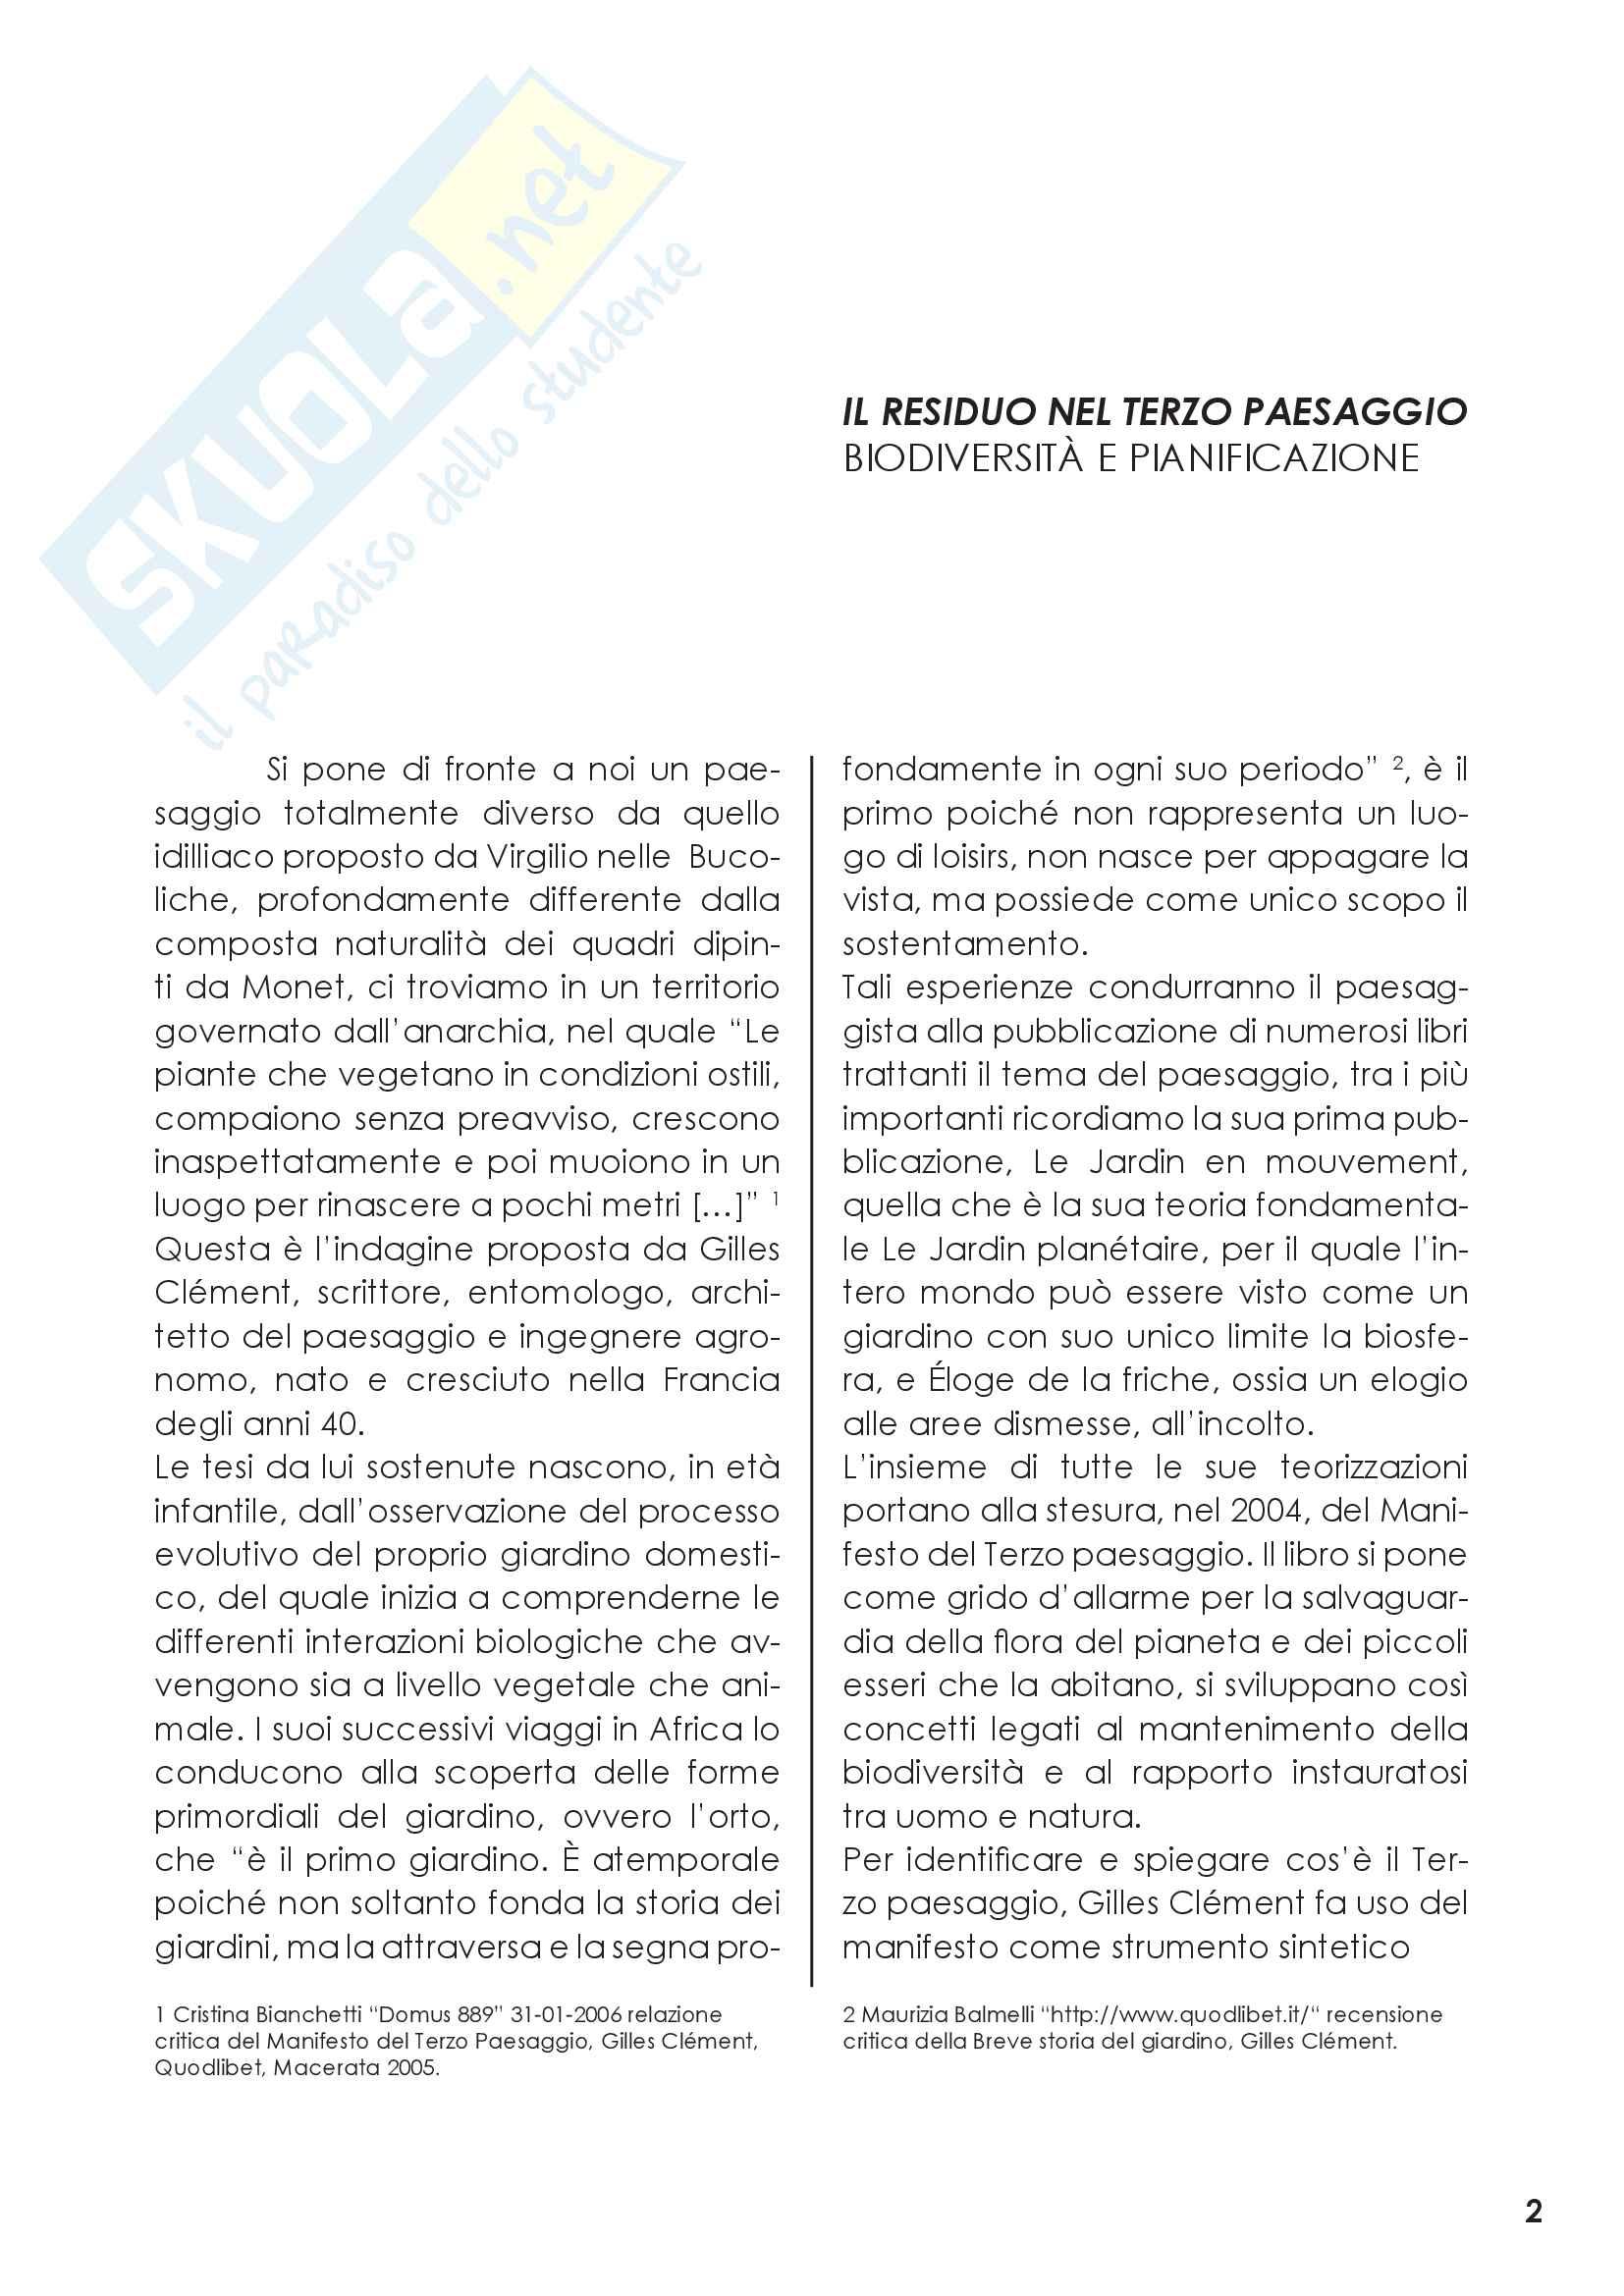 Relazione sul Terzo paesaggio, come identificato da Gilles Clement Pag. 2